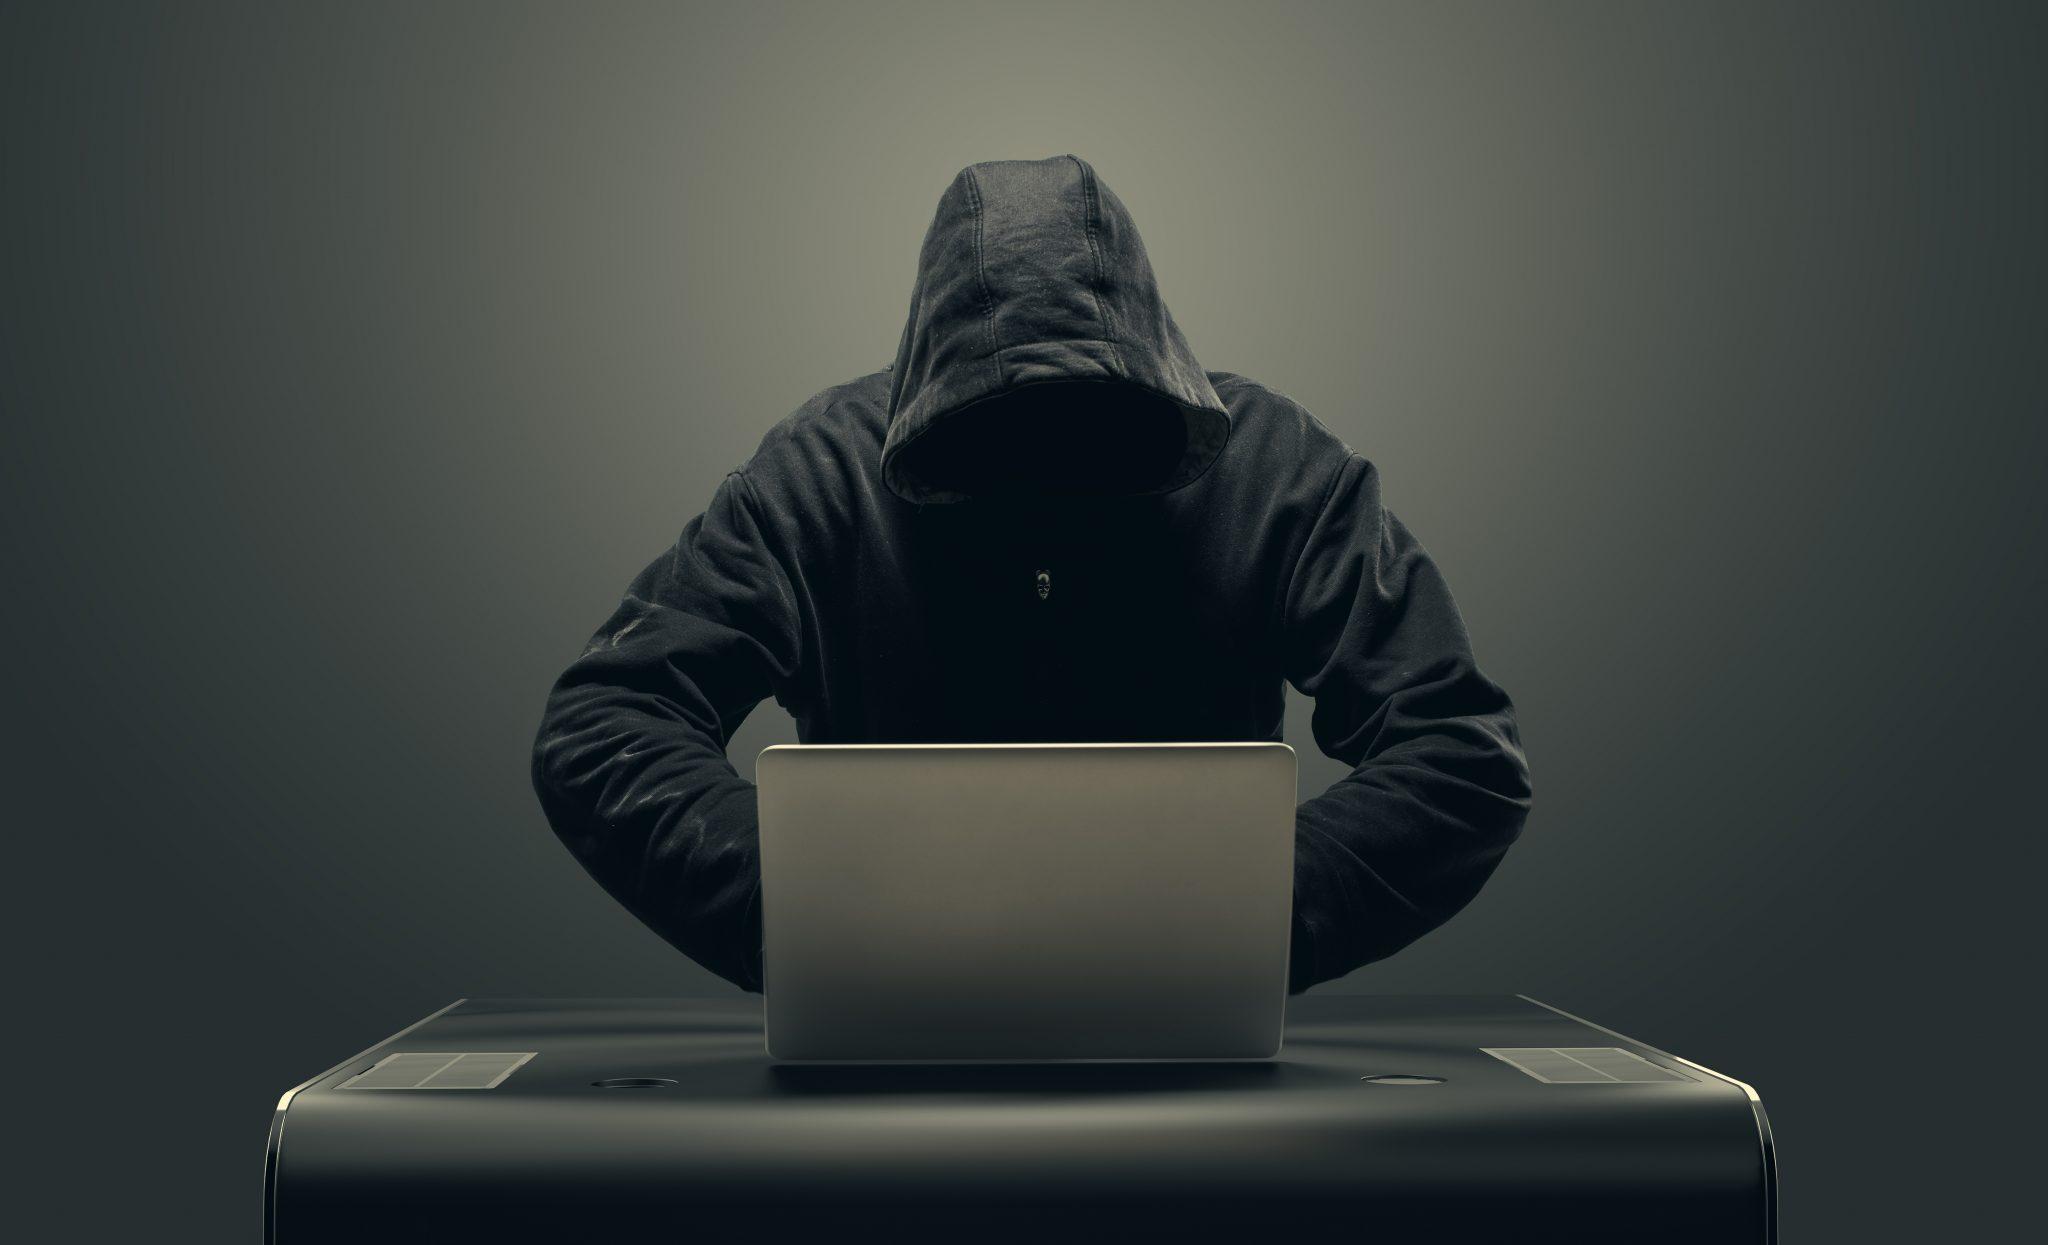 Hacker in mask by laptop